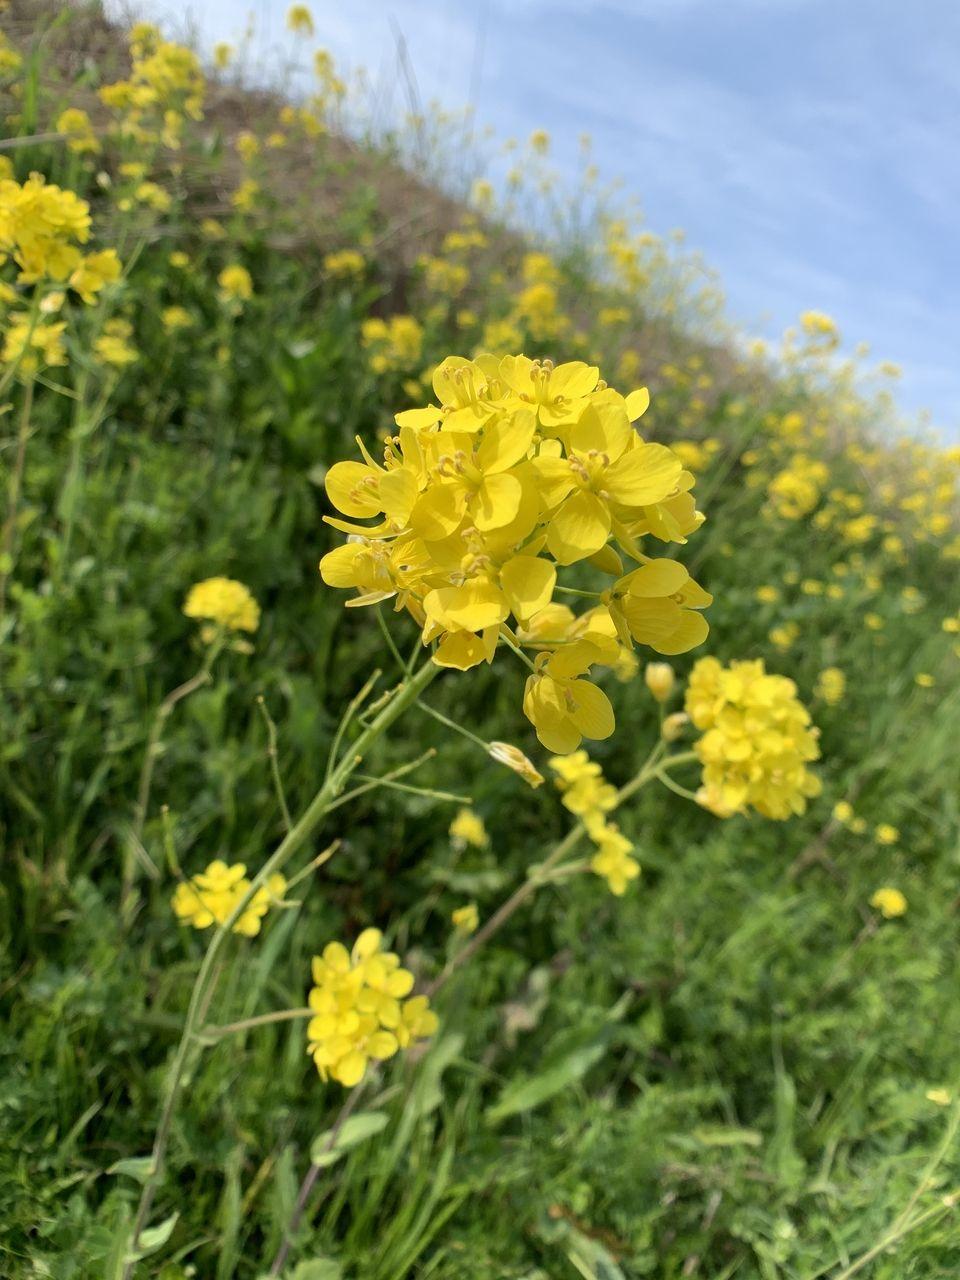 江戸川の土手に菜の花が満開です!もう春ですね。